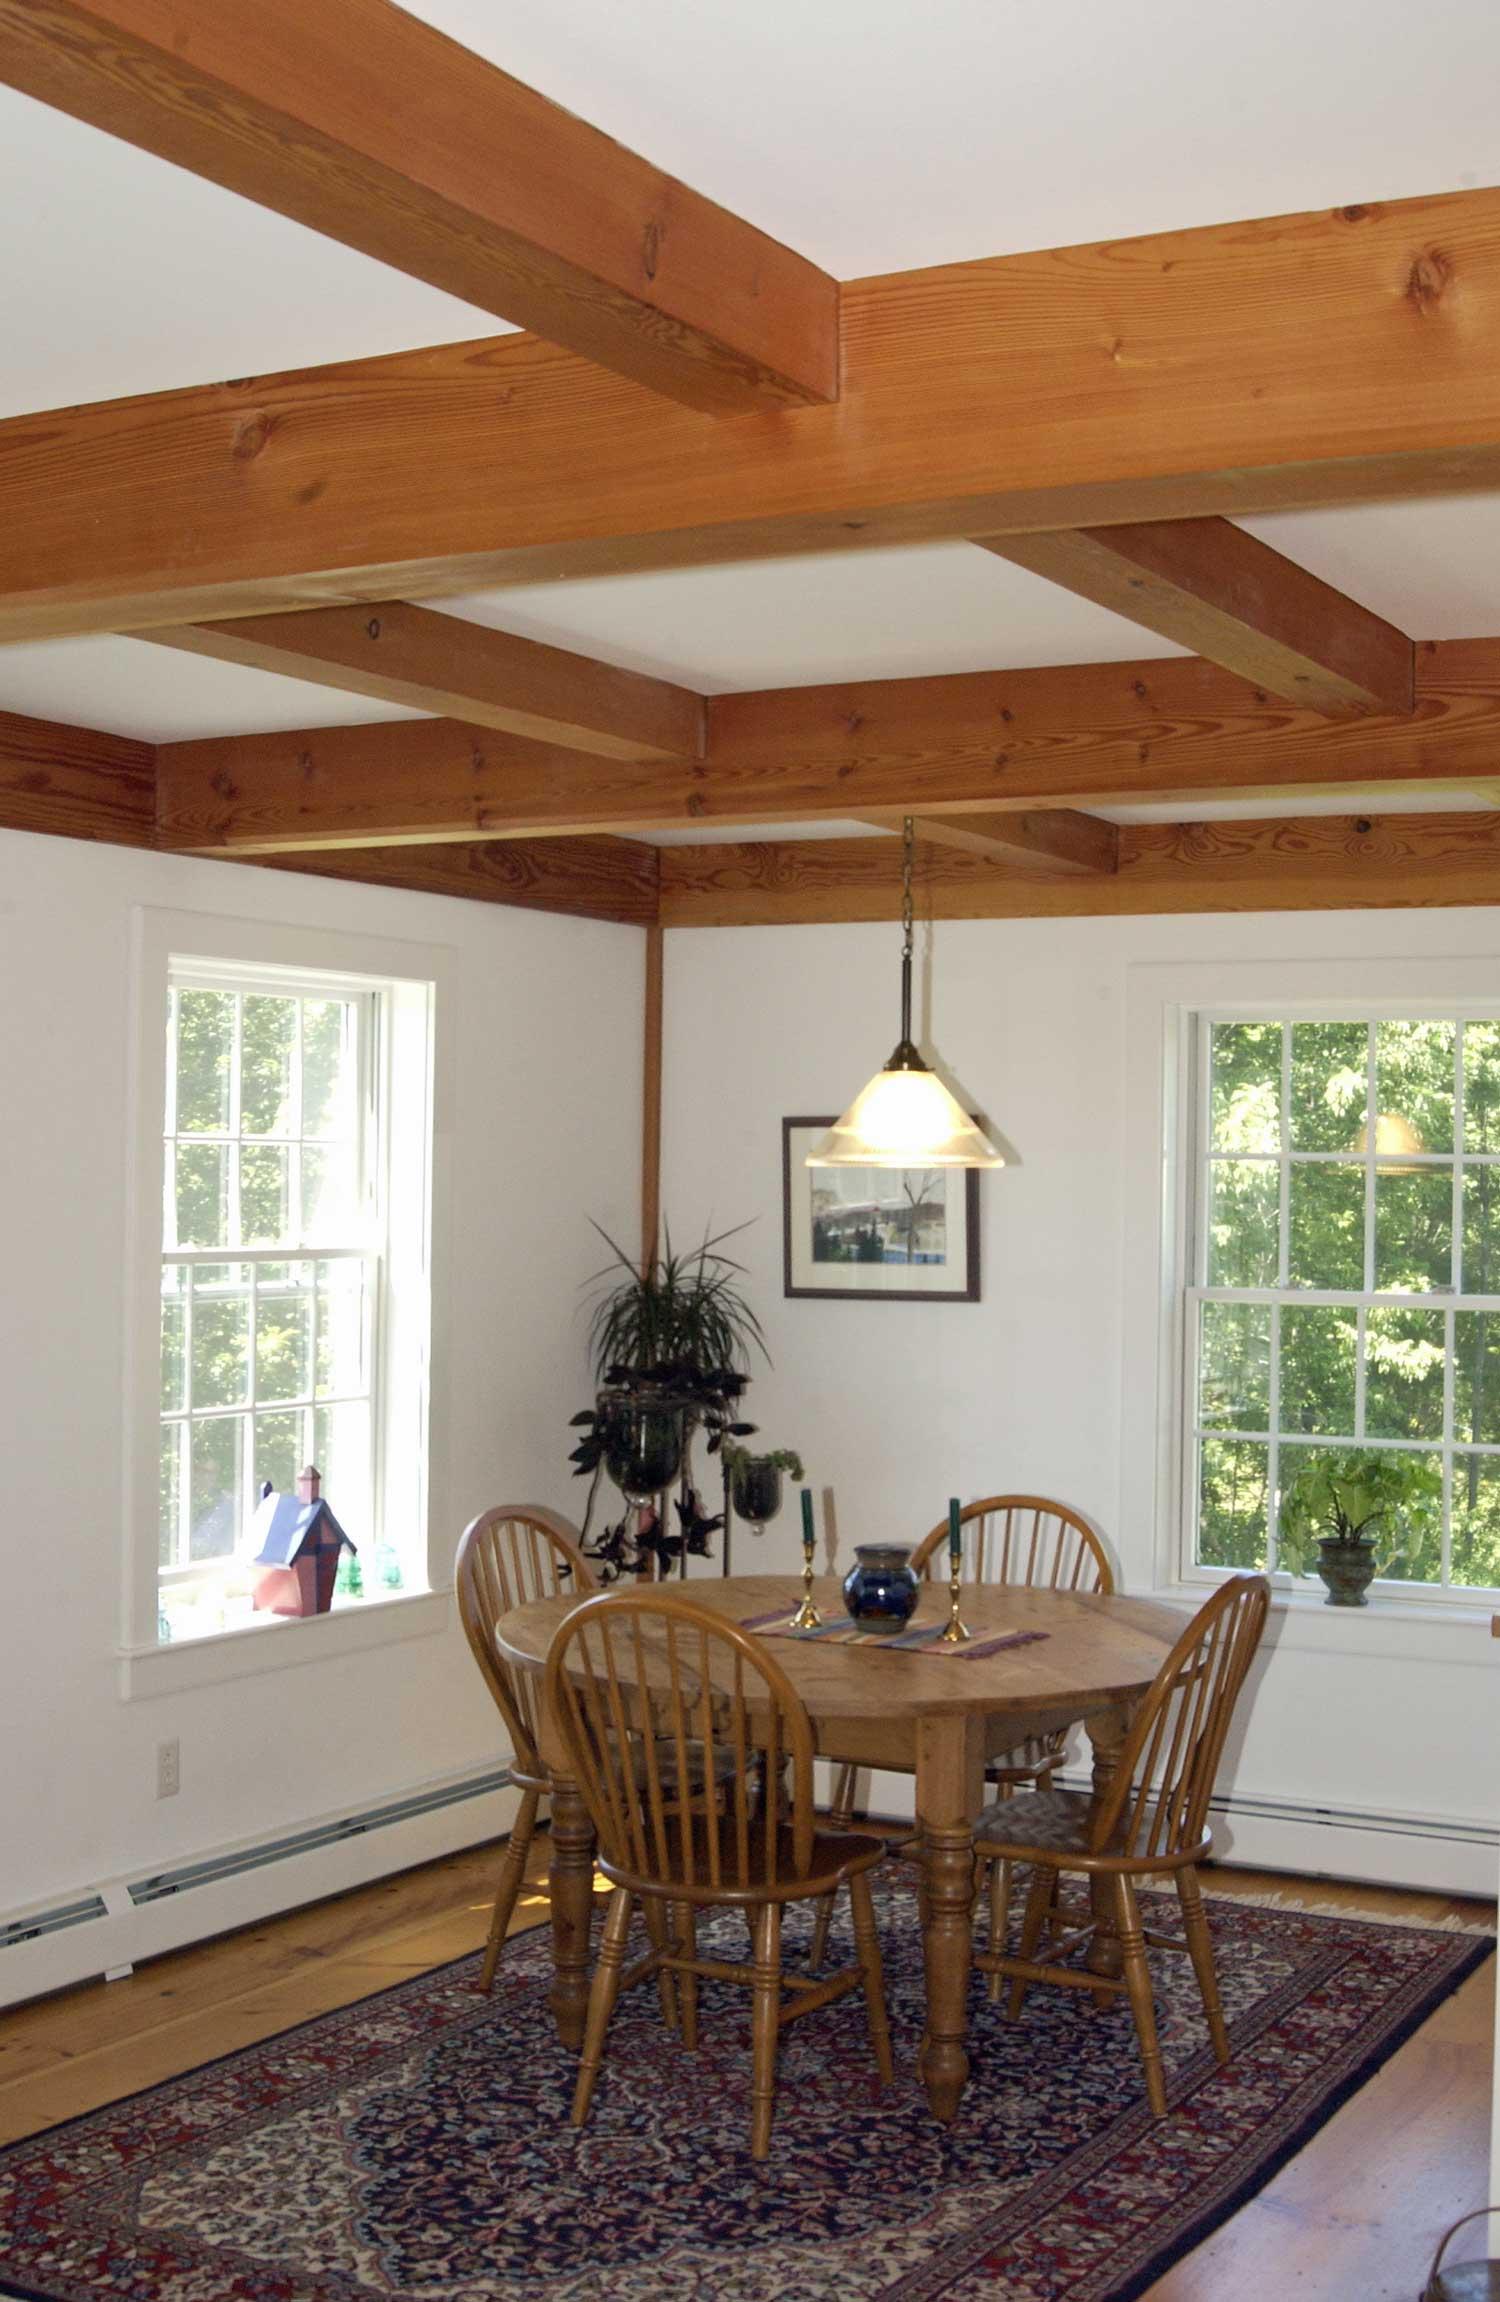 Timebr-frame-dining-room-new-home.jpg